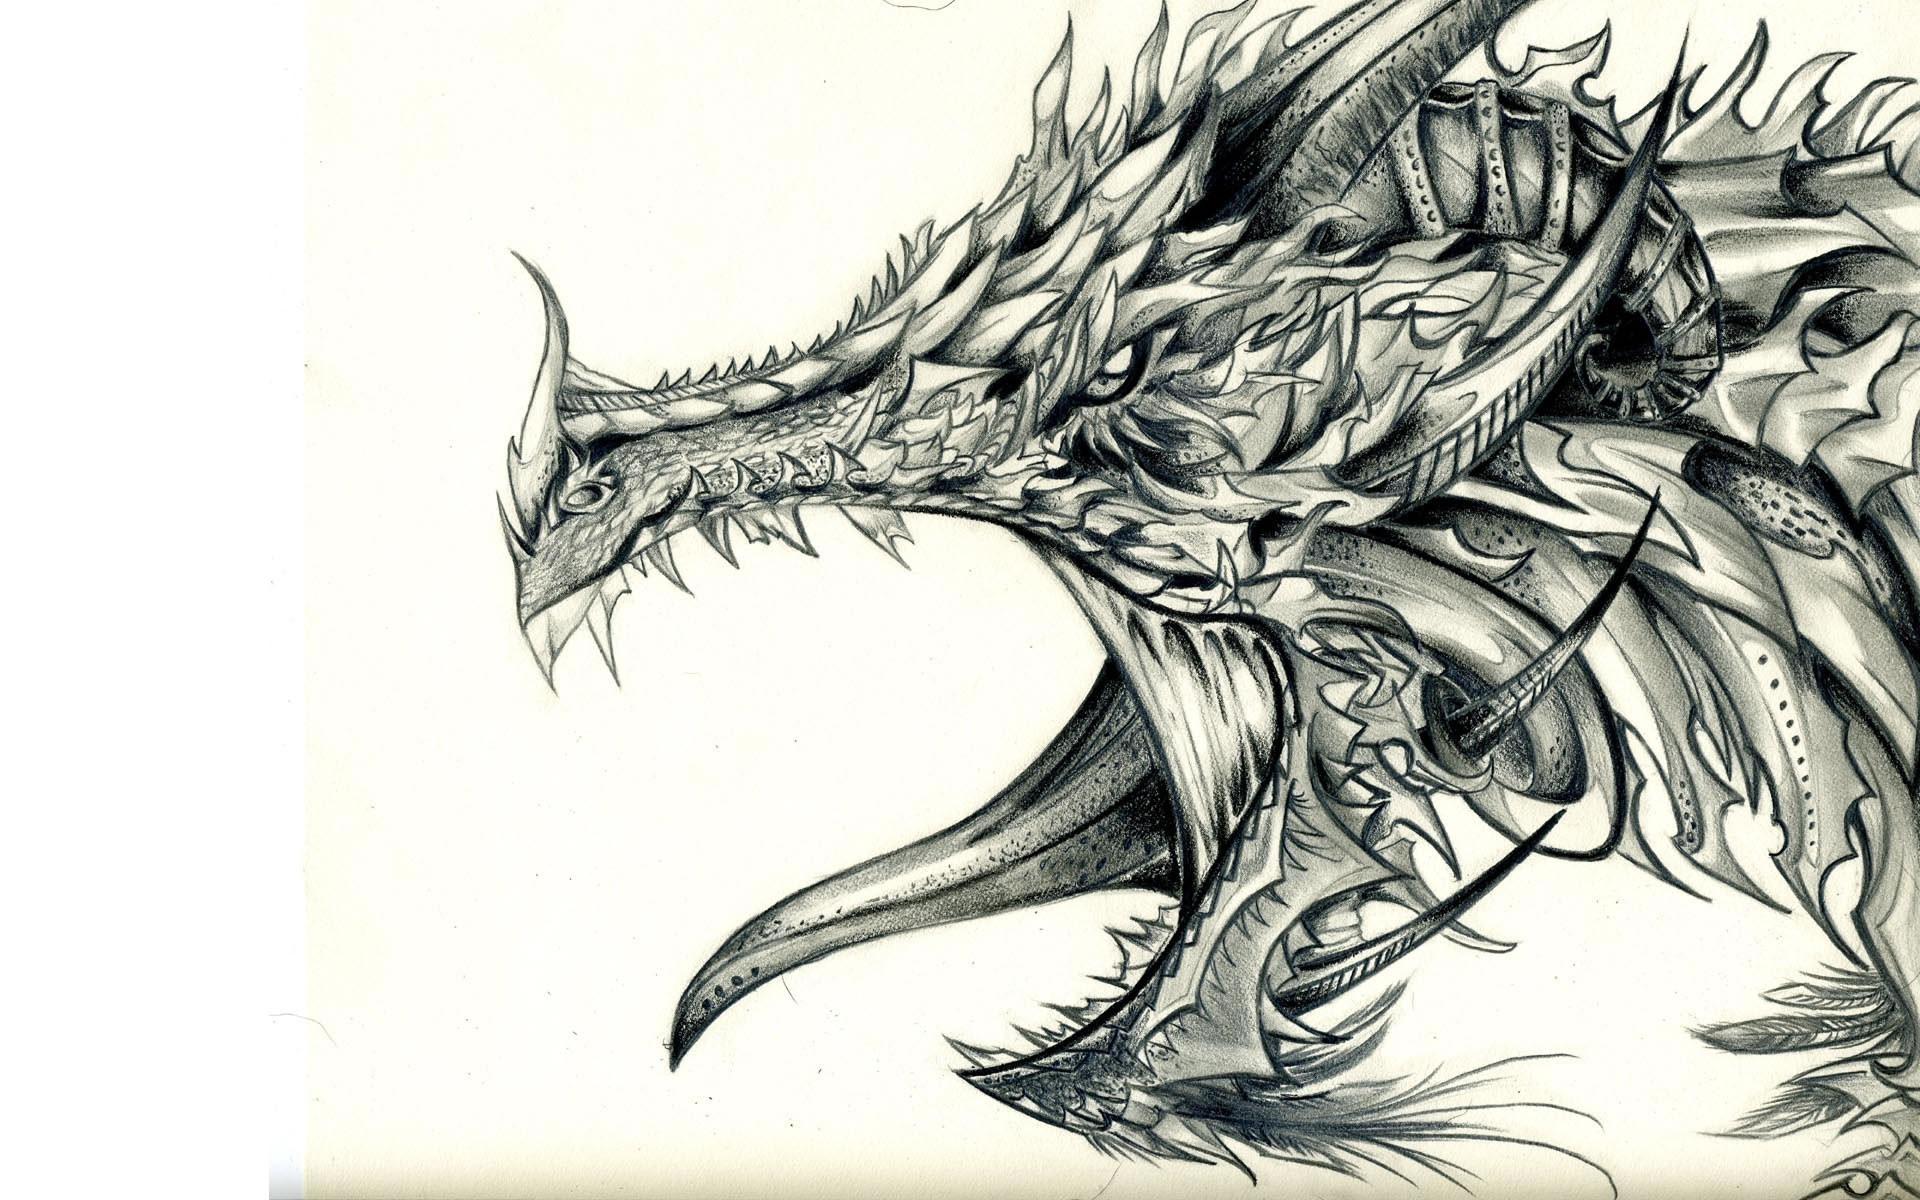 Wallpaper ilustrasi seni fantasi karya seni gambar kartun naga gambar ilustrasi seni fantasi karya seni gambar kartun naga sayap sketsa karakter fiksi altavistaventures Images